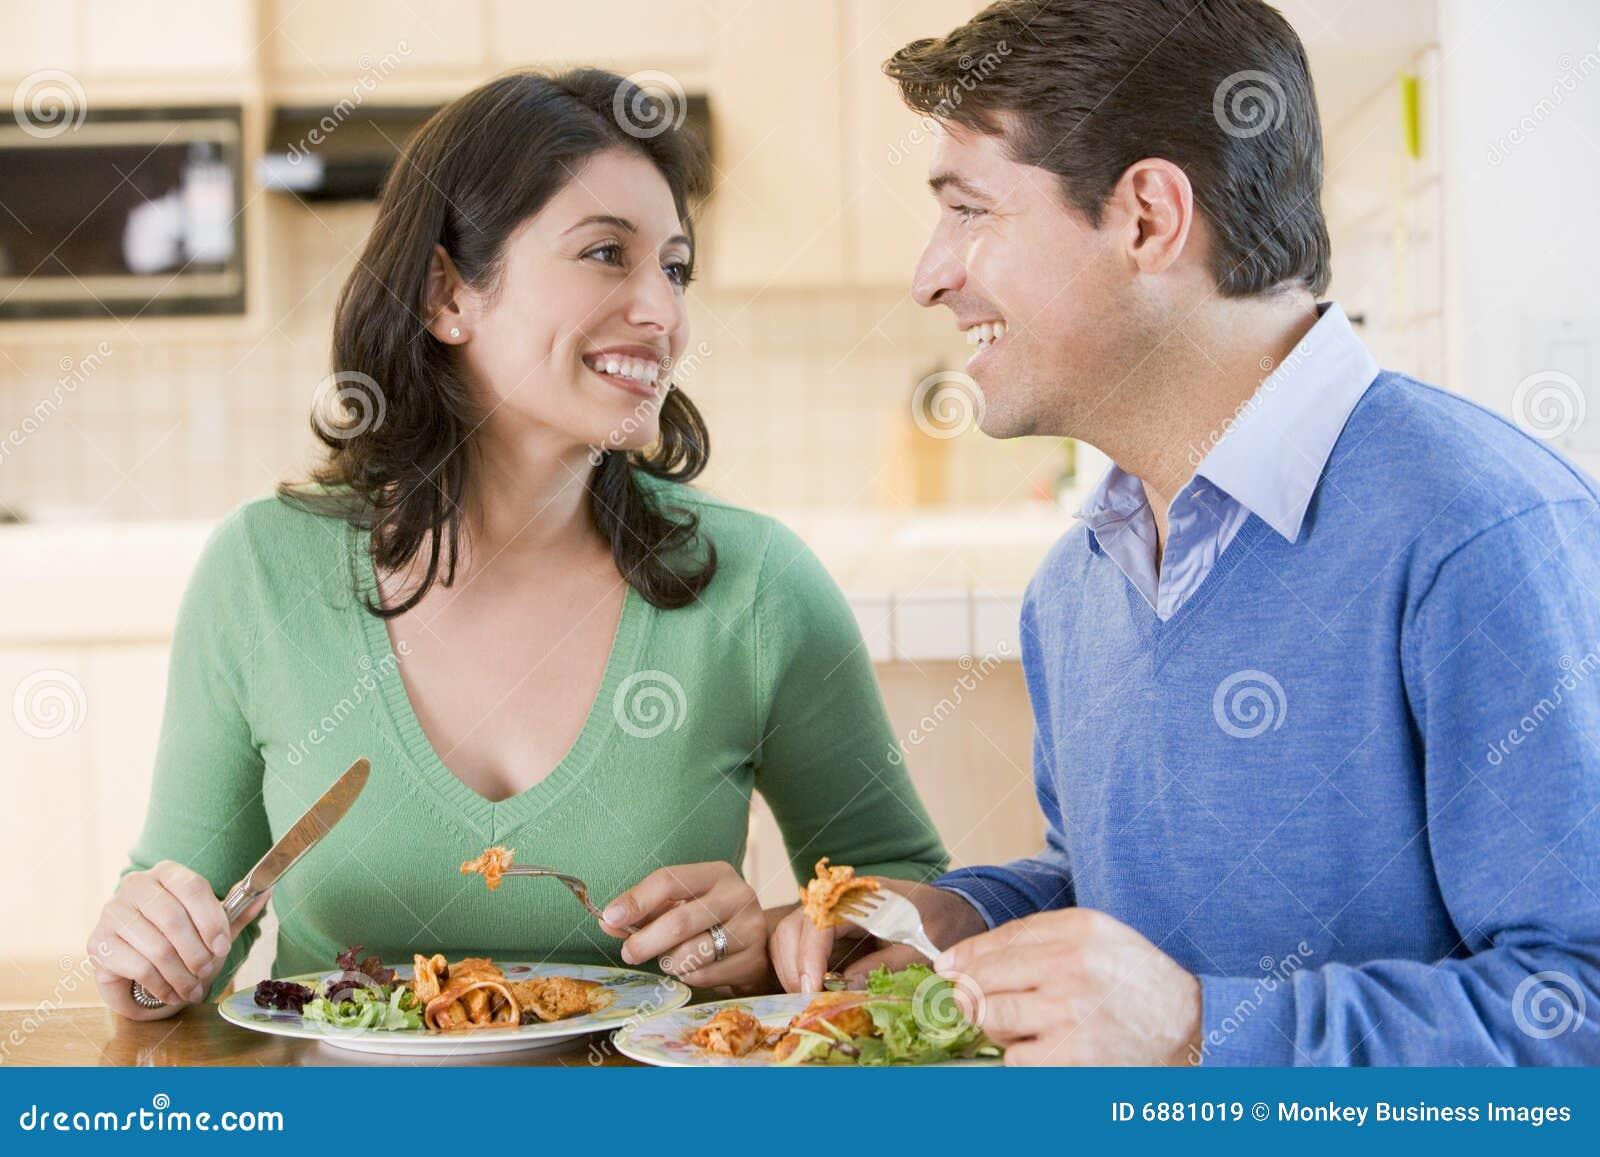 一起享受膳食进餐时间的夫妇